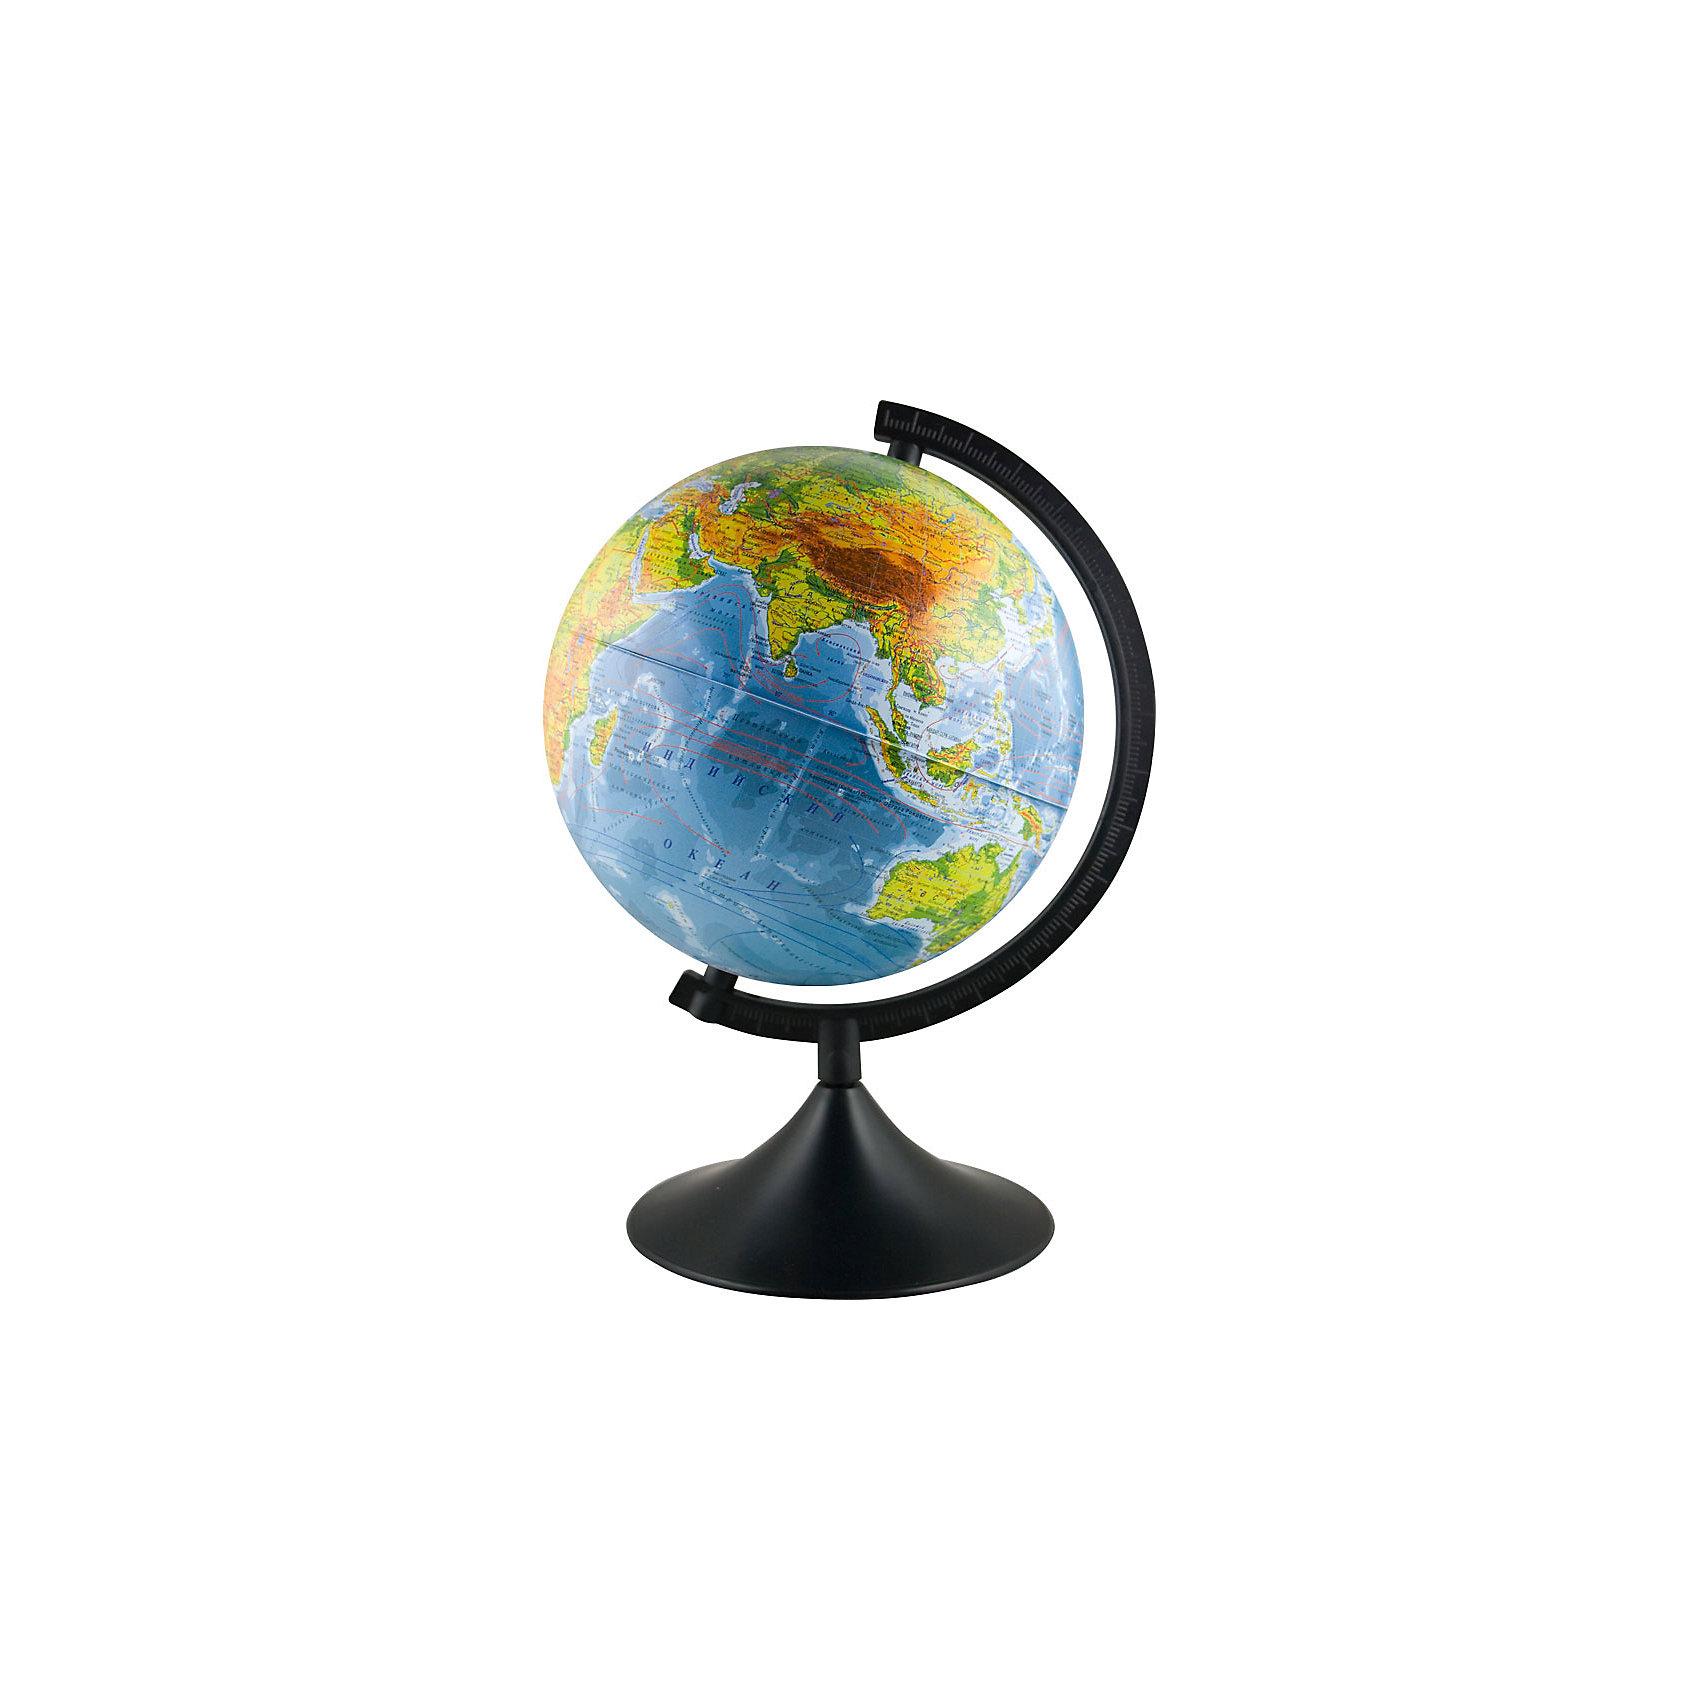 Глобус Земли, физический, диаметр 120Глобусы<br>Глобус Земли д-р 120 физический<br><br>Ширина мм: 225<br>Глубина мм: 30<br>Высота мм: 180<br>Вес г: 450<br>Возраст от месяцев: 36<br>Возраст до месяцев: 2147483647<br>Пол: Унисекс<br>Возраст: Детский<br>SKU: 4801664